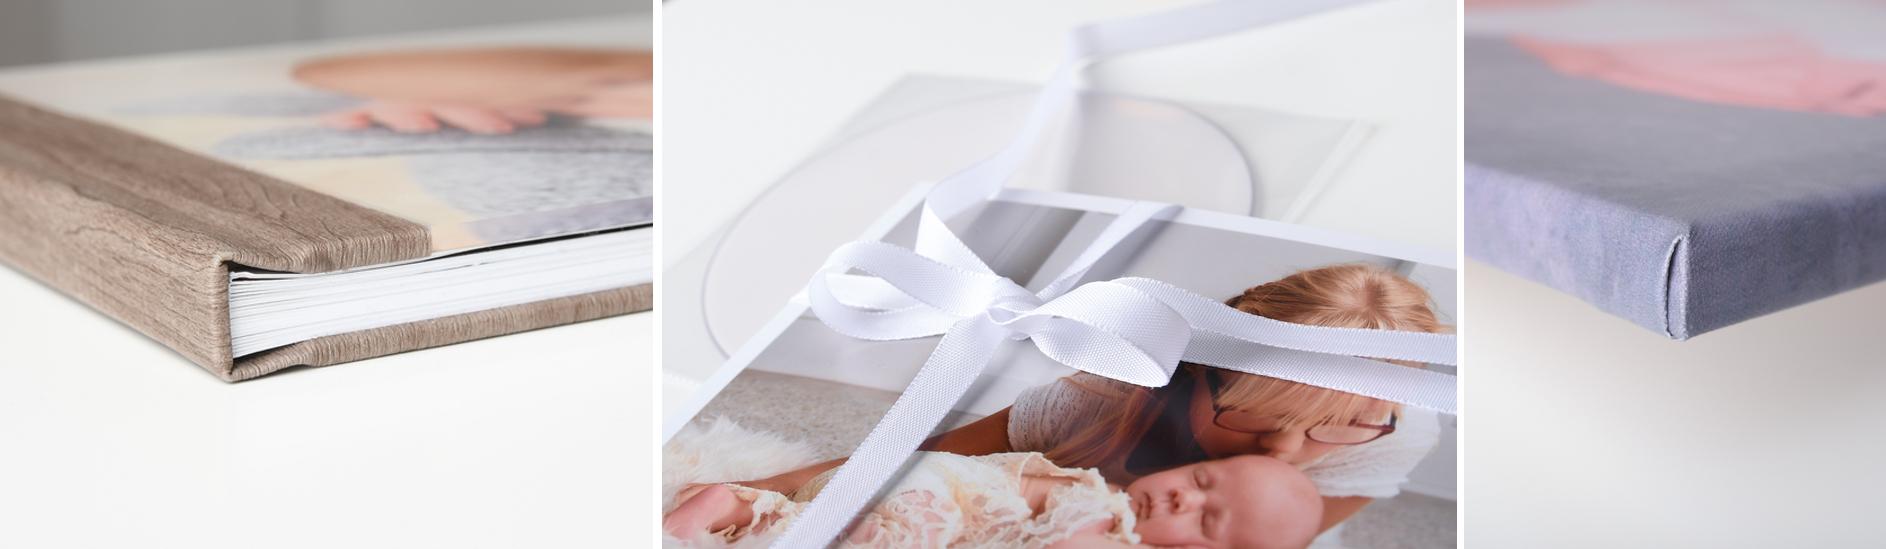 Was kostet ein Babybauchshooting und Babyfotos in einem Fotostudio mit einer Fotografin, einzigartige Erinnerungen werden geschaffen